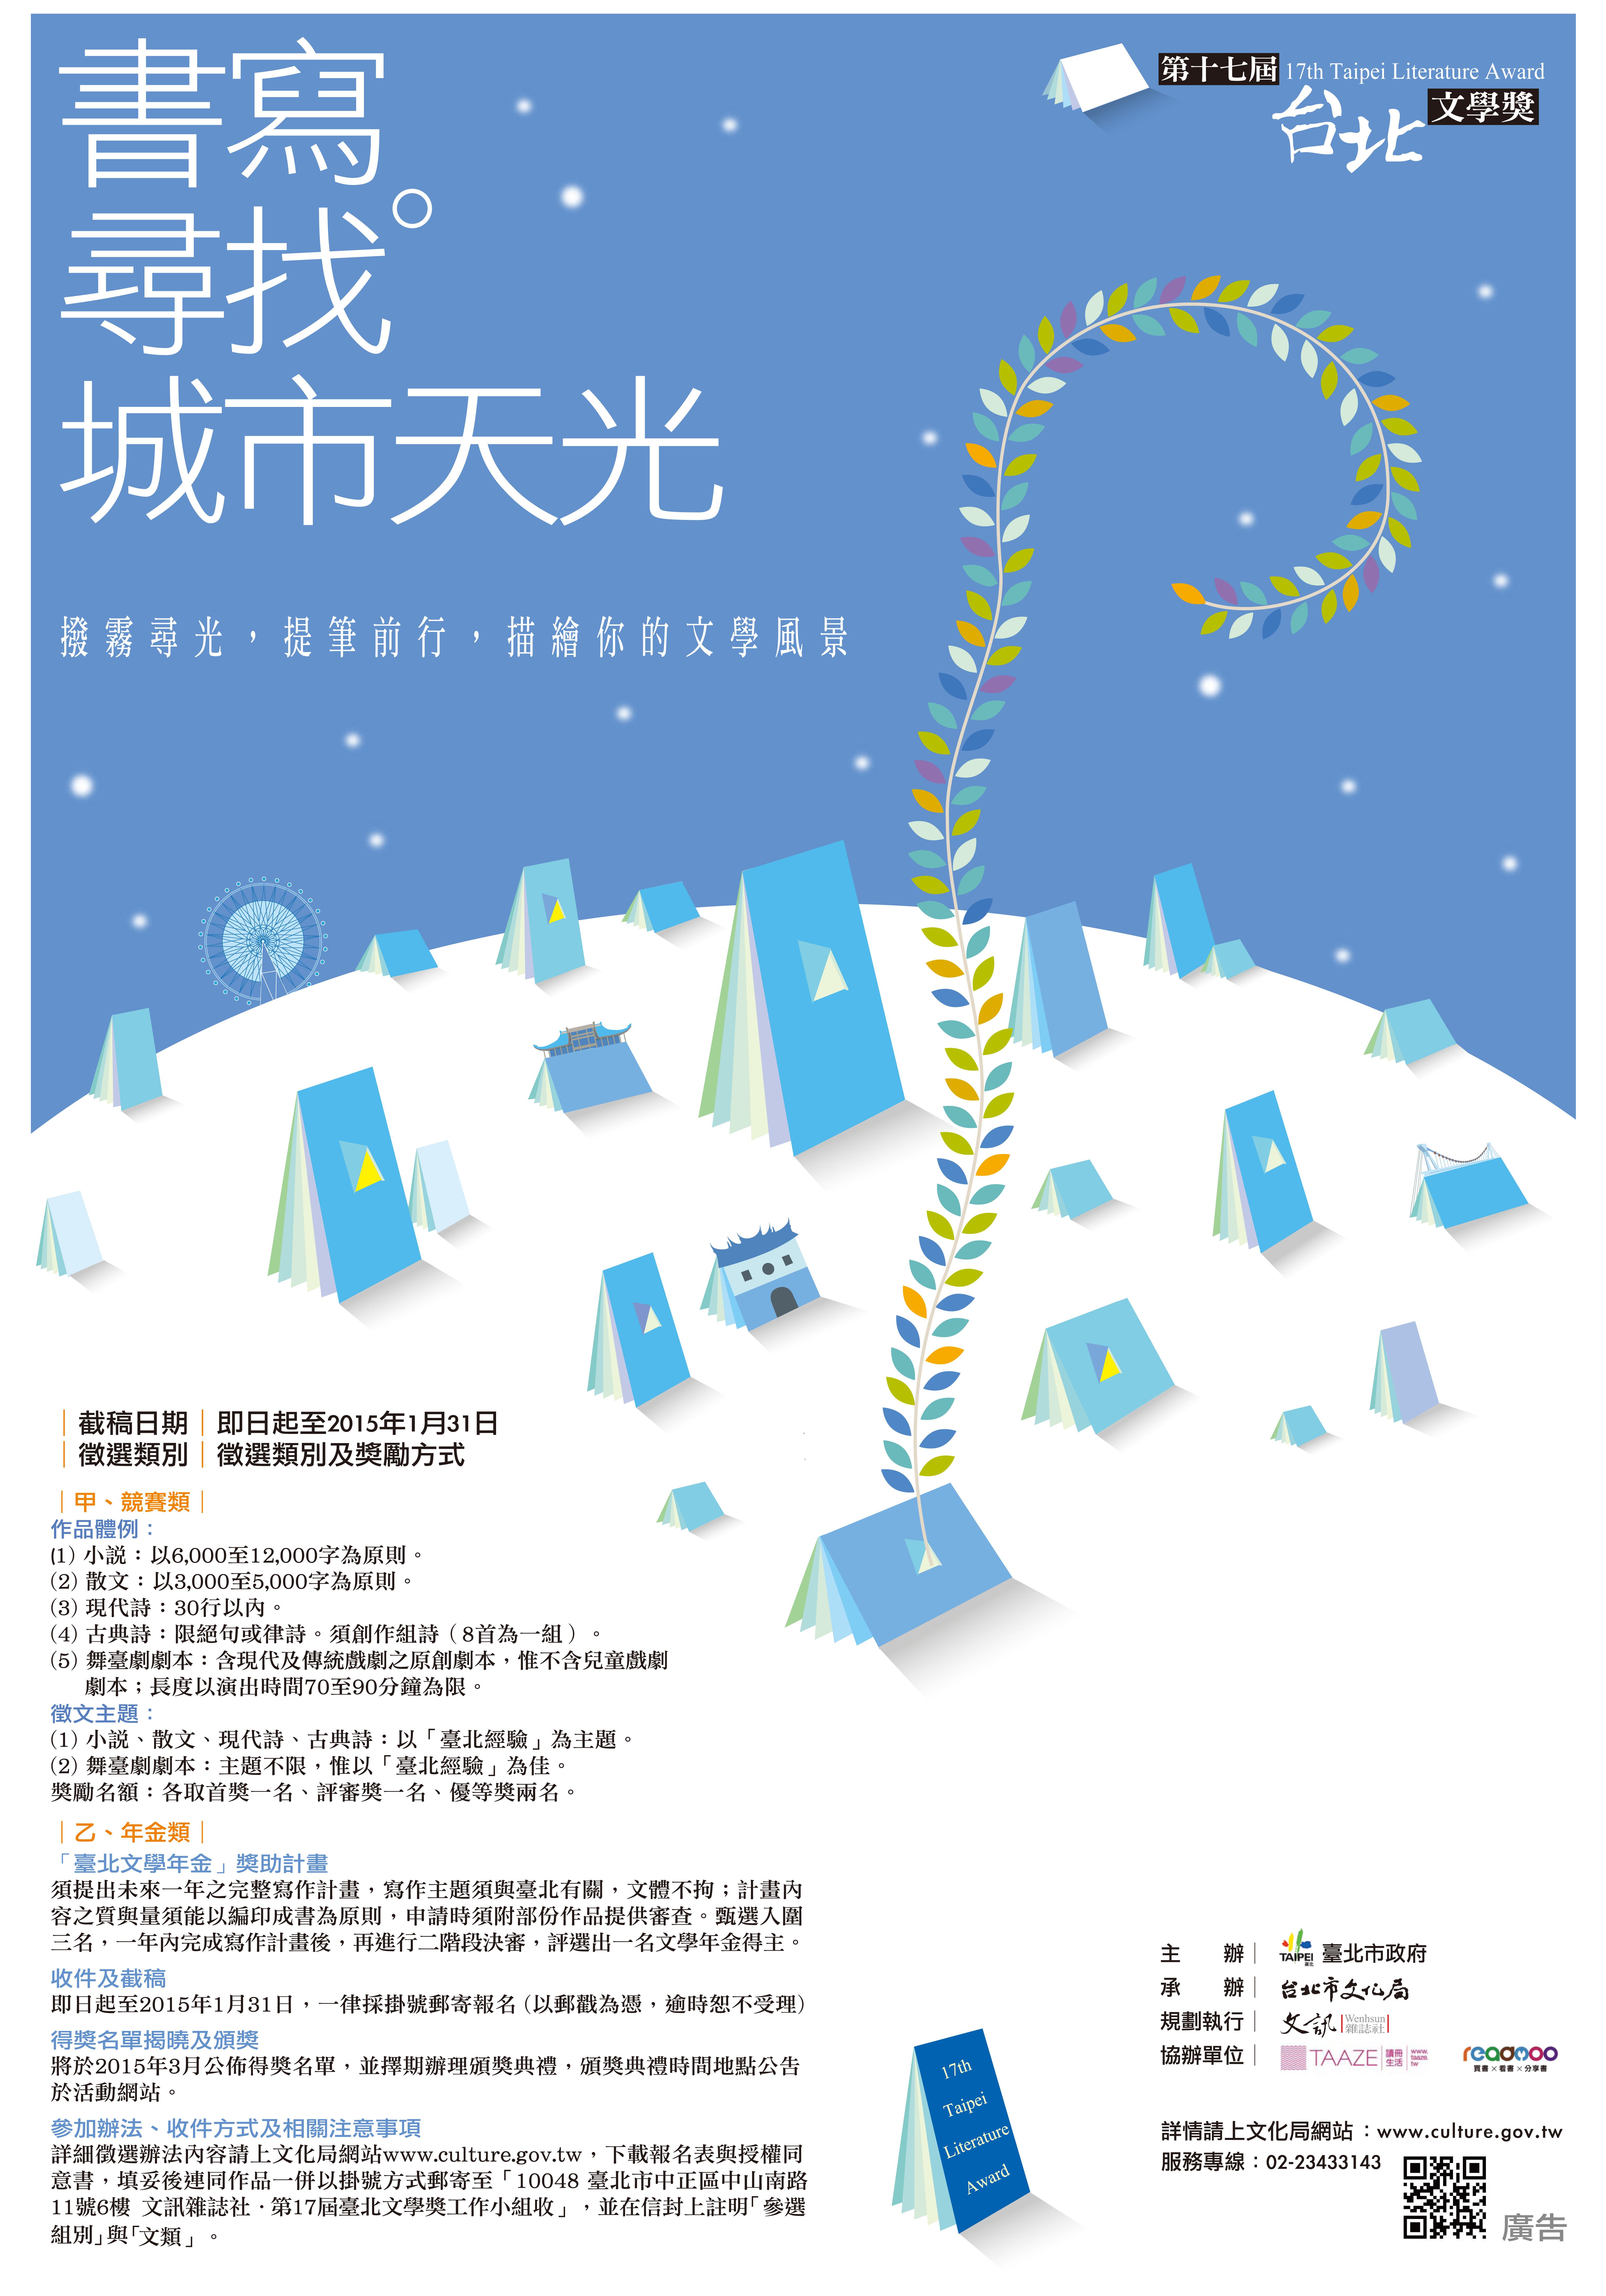 台北文學獎徵文海報